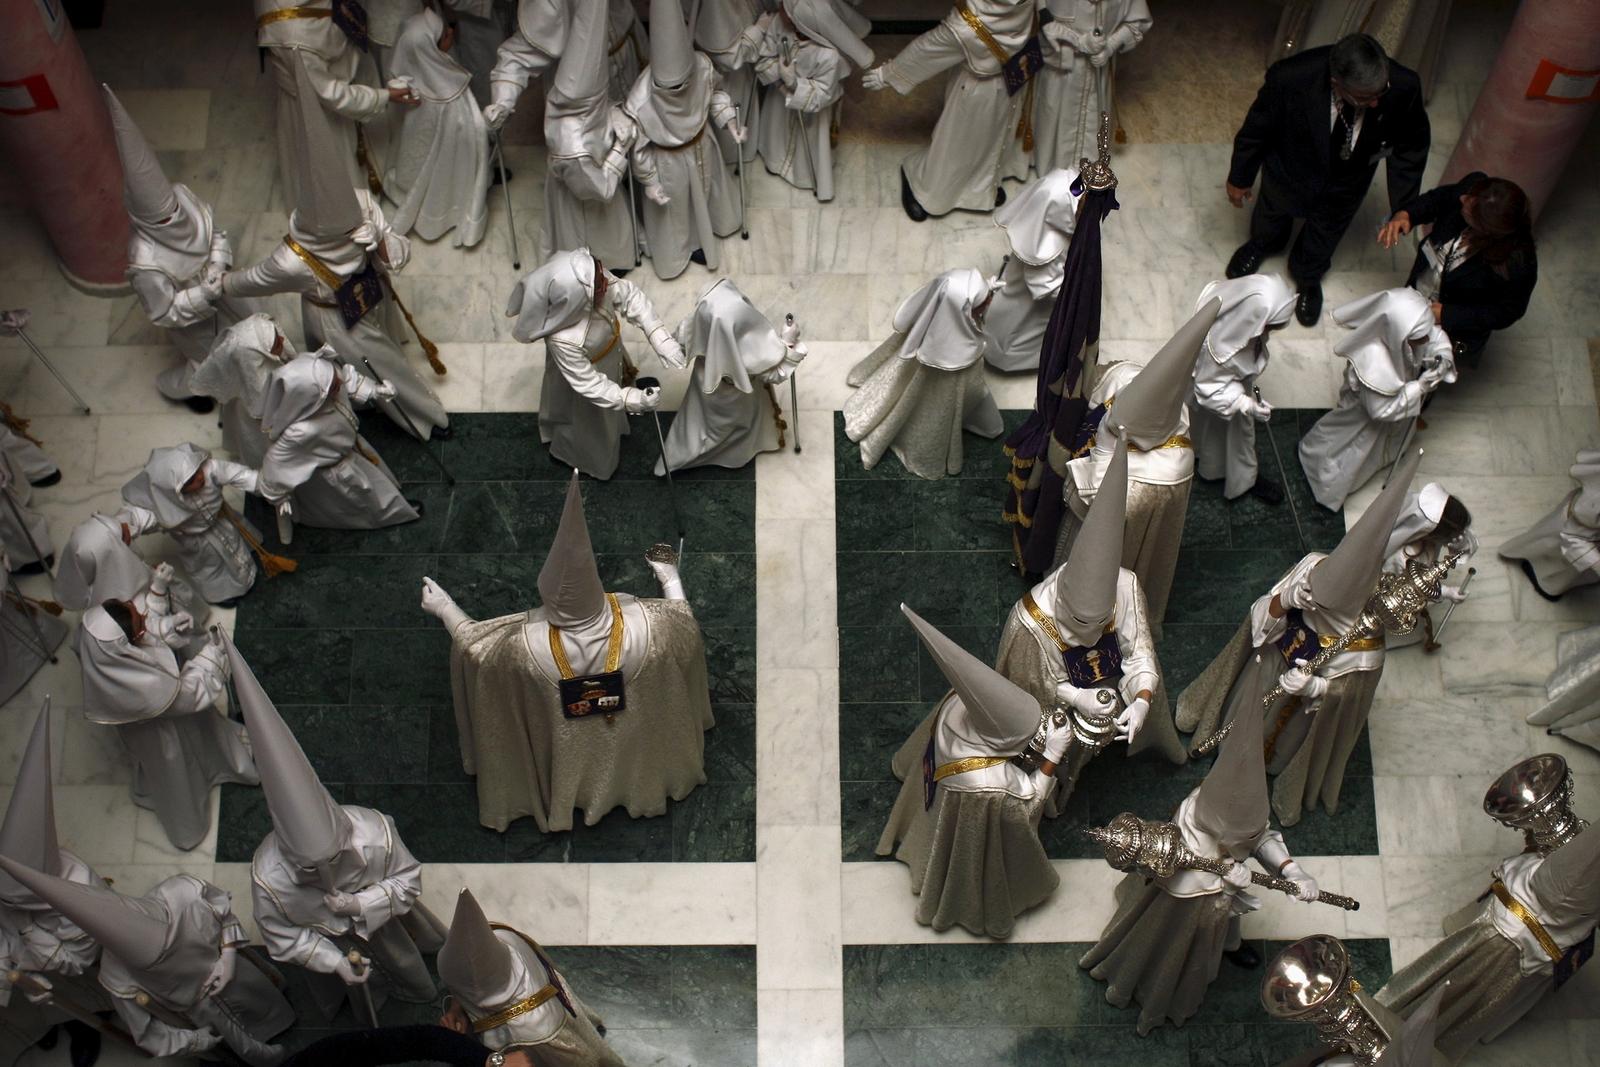 Los 7 Errores que llevaron a la Crisis que Hoy muestra la Iglesia